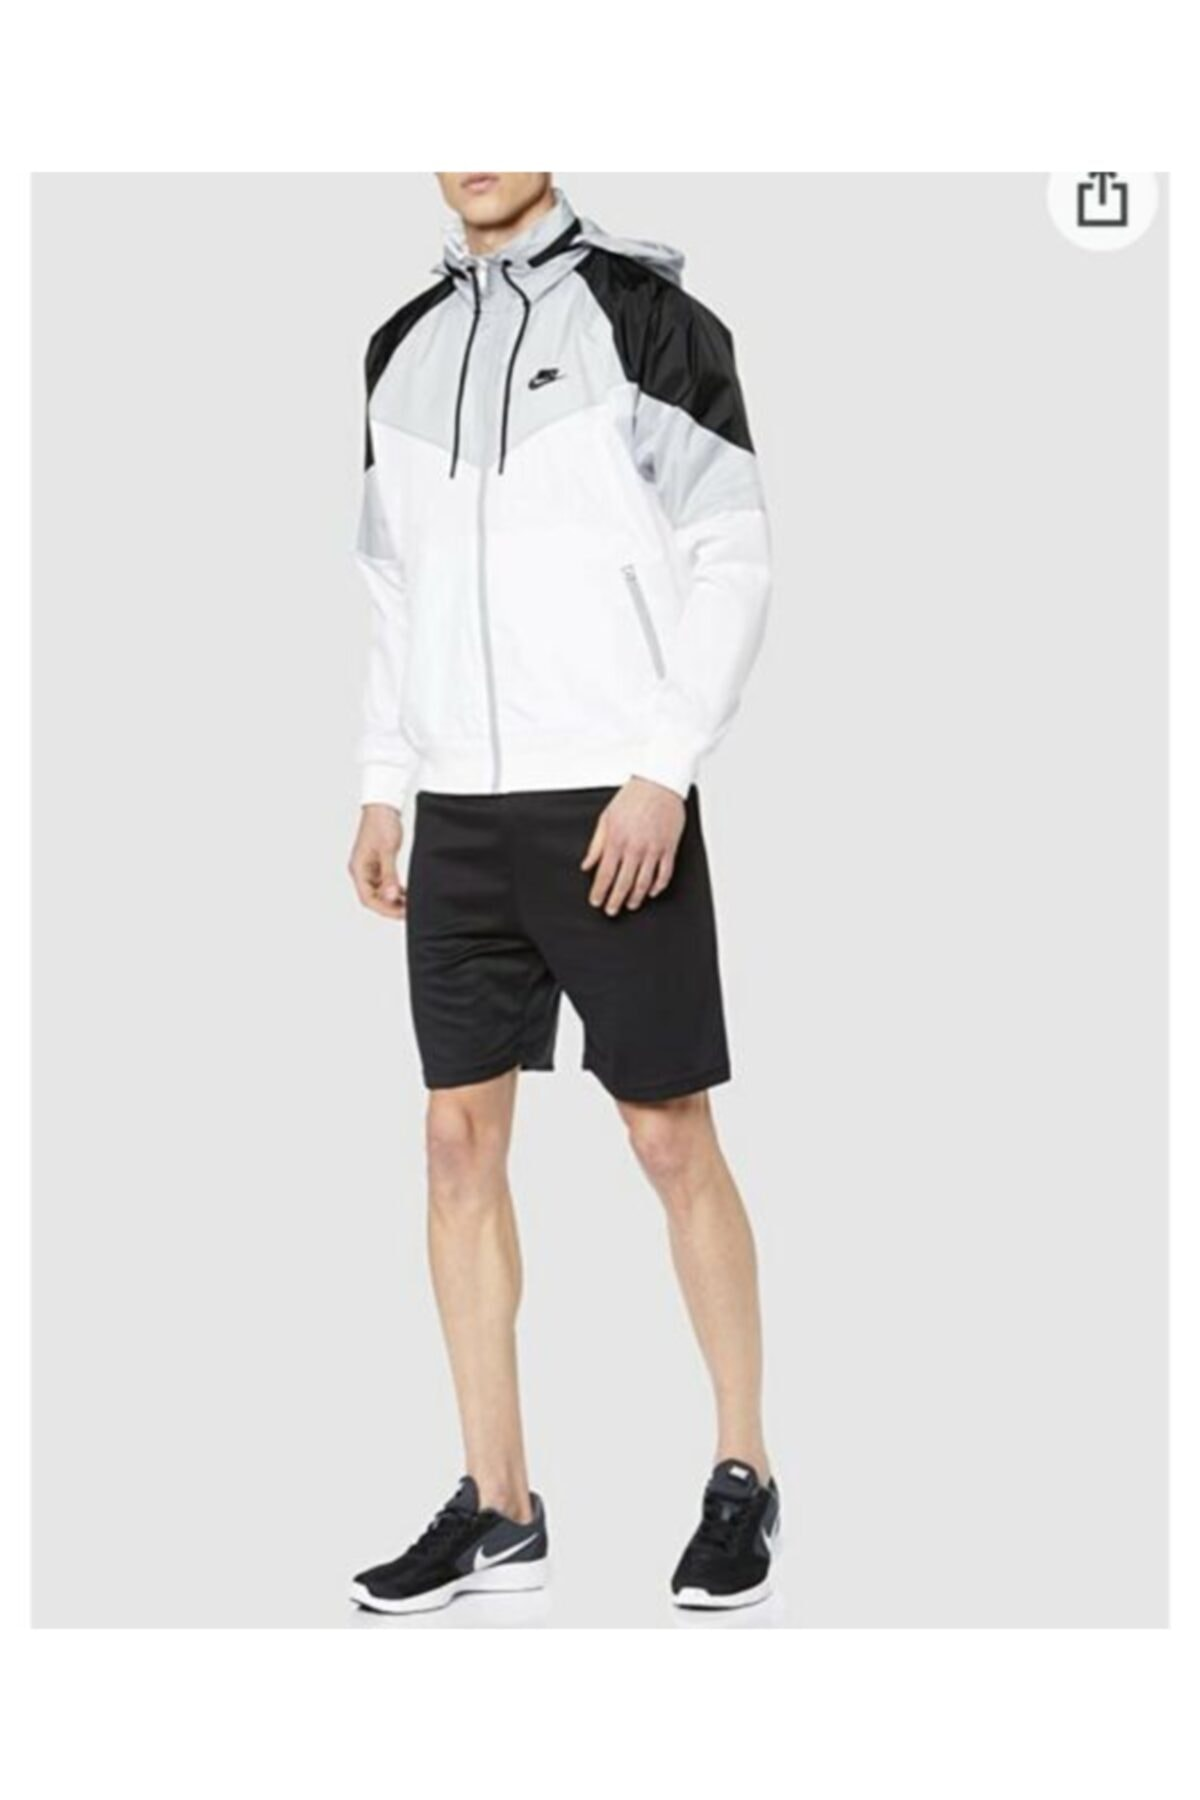 خرید گرمکن ورزشی مردانه برند نایک کد ty95498587